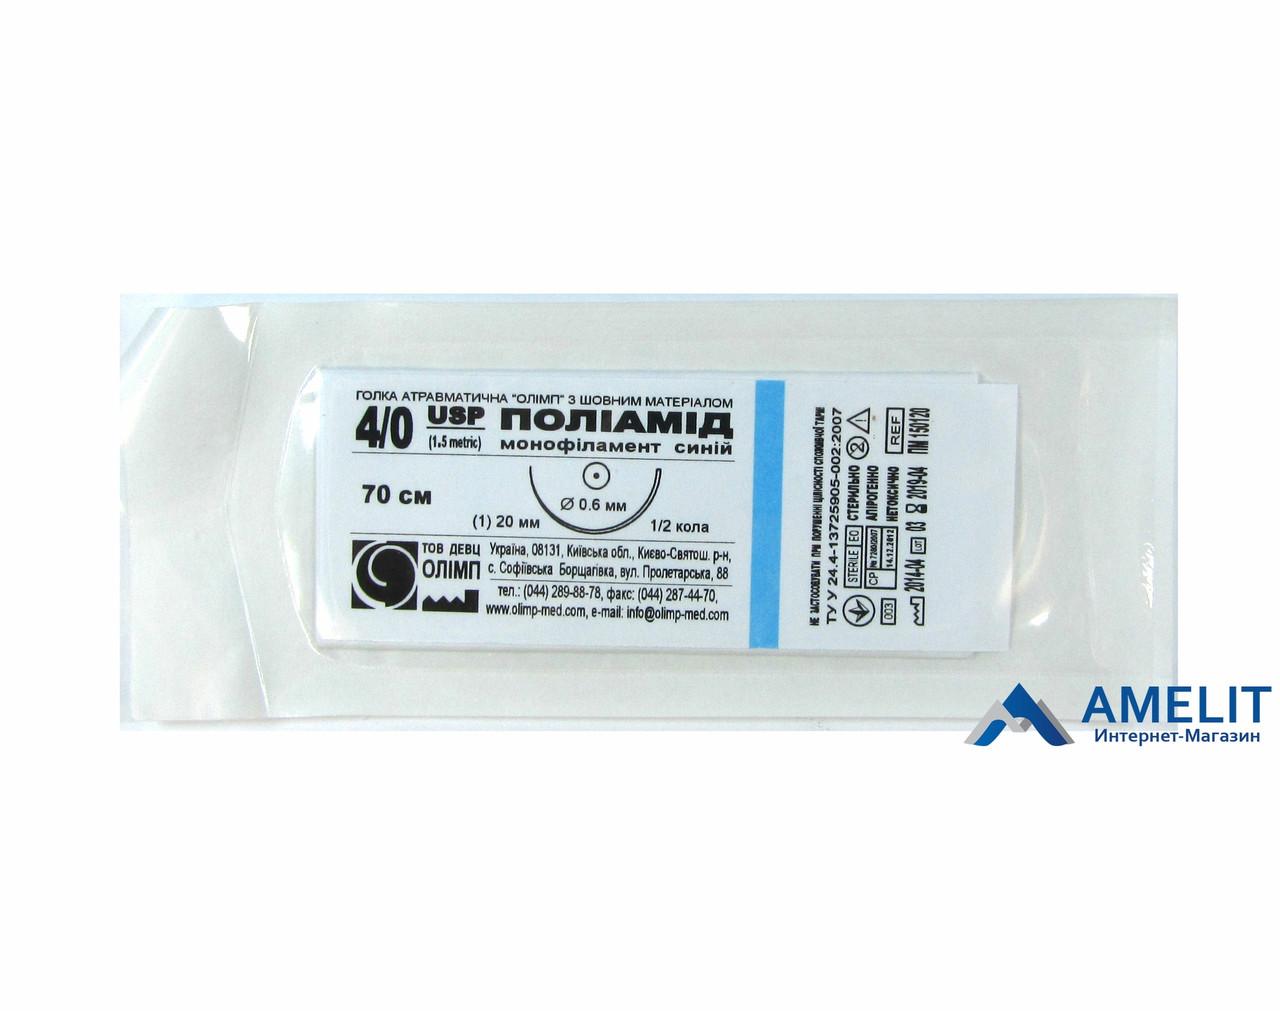 Поліамід монофиламент синій, 4/0, кол. (Олімп), 1 шт.